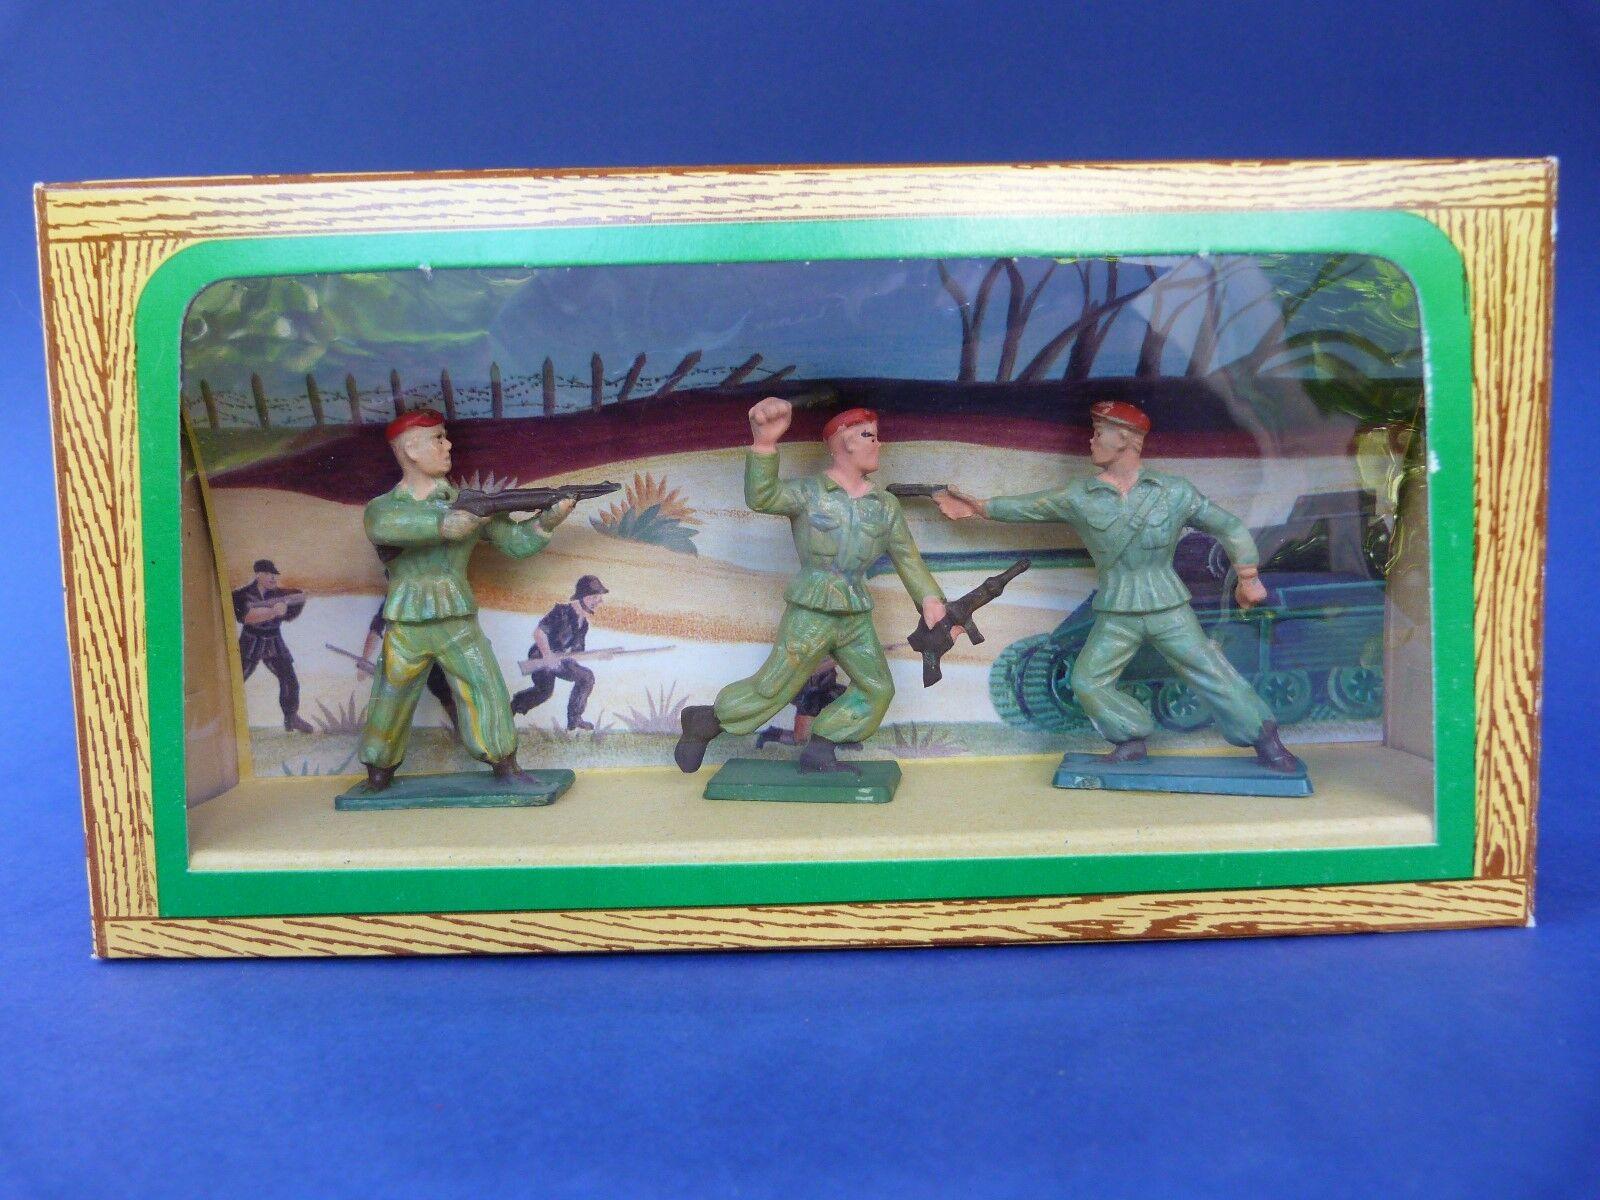 STARLUX - Ancienne boîte 3 soldats parachutistes 54mm - plastic toy soldier